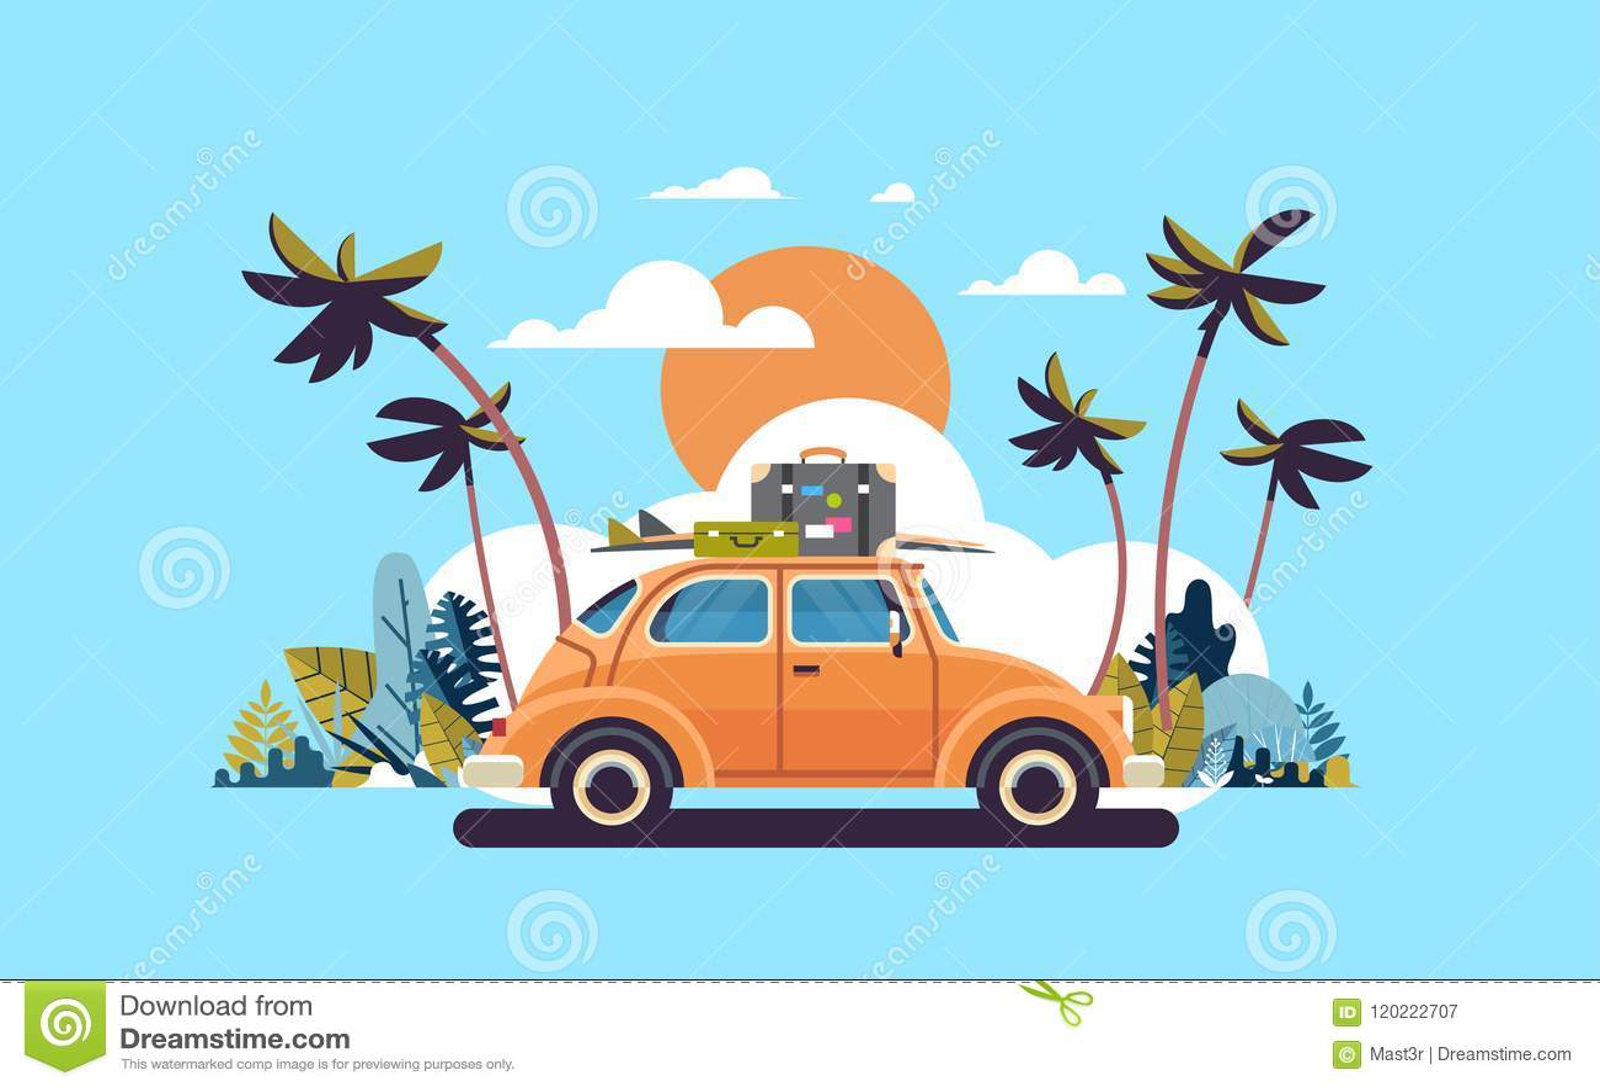 有行李的减速火箭的汽车在屋顶热带日落海滩冲浪的葡萄酒贺卡模板海报舱内甲板